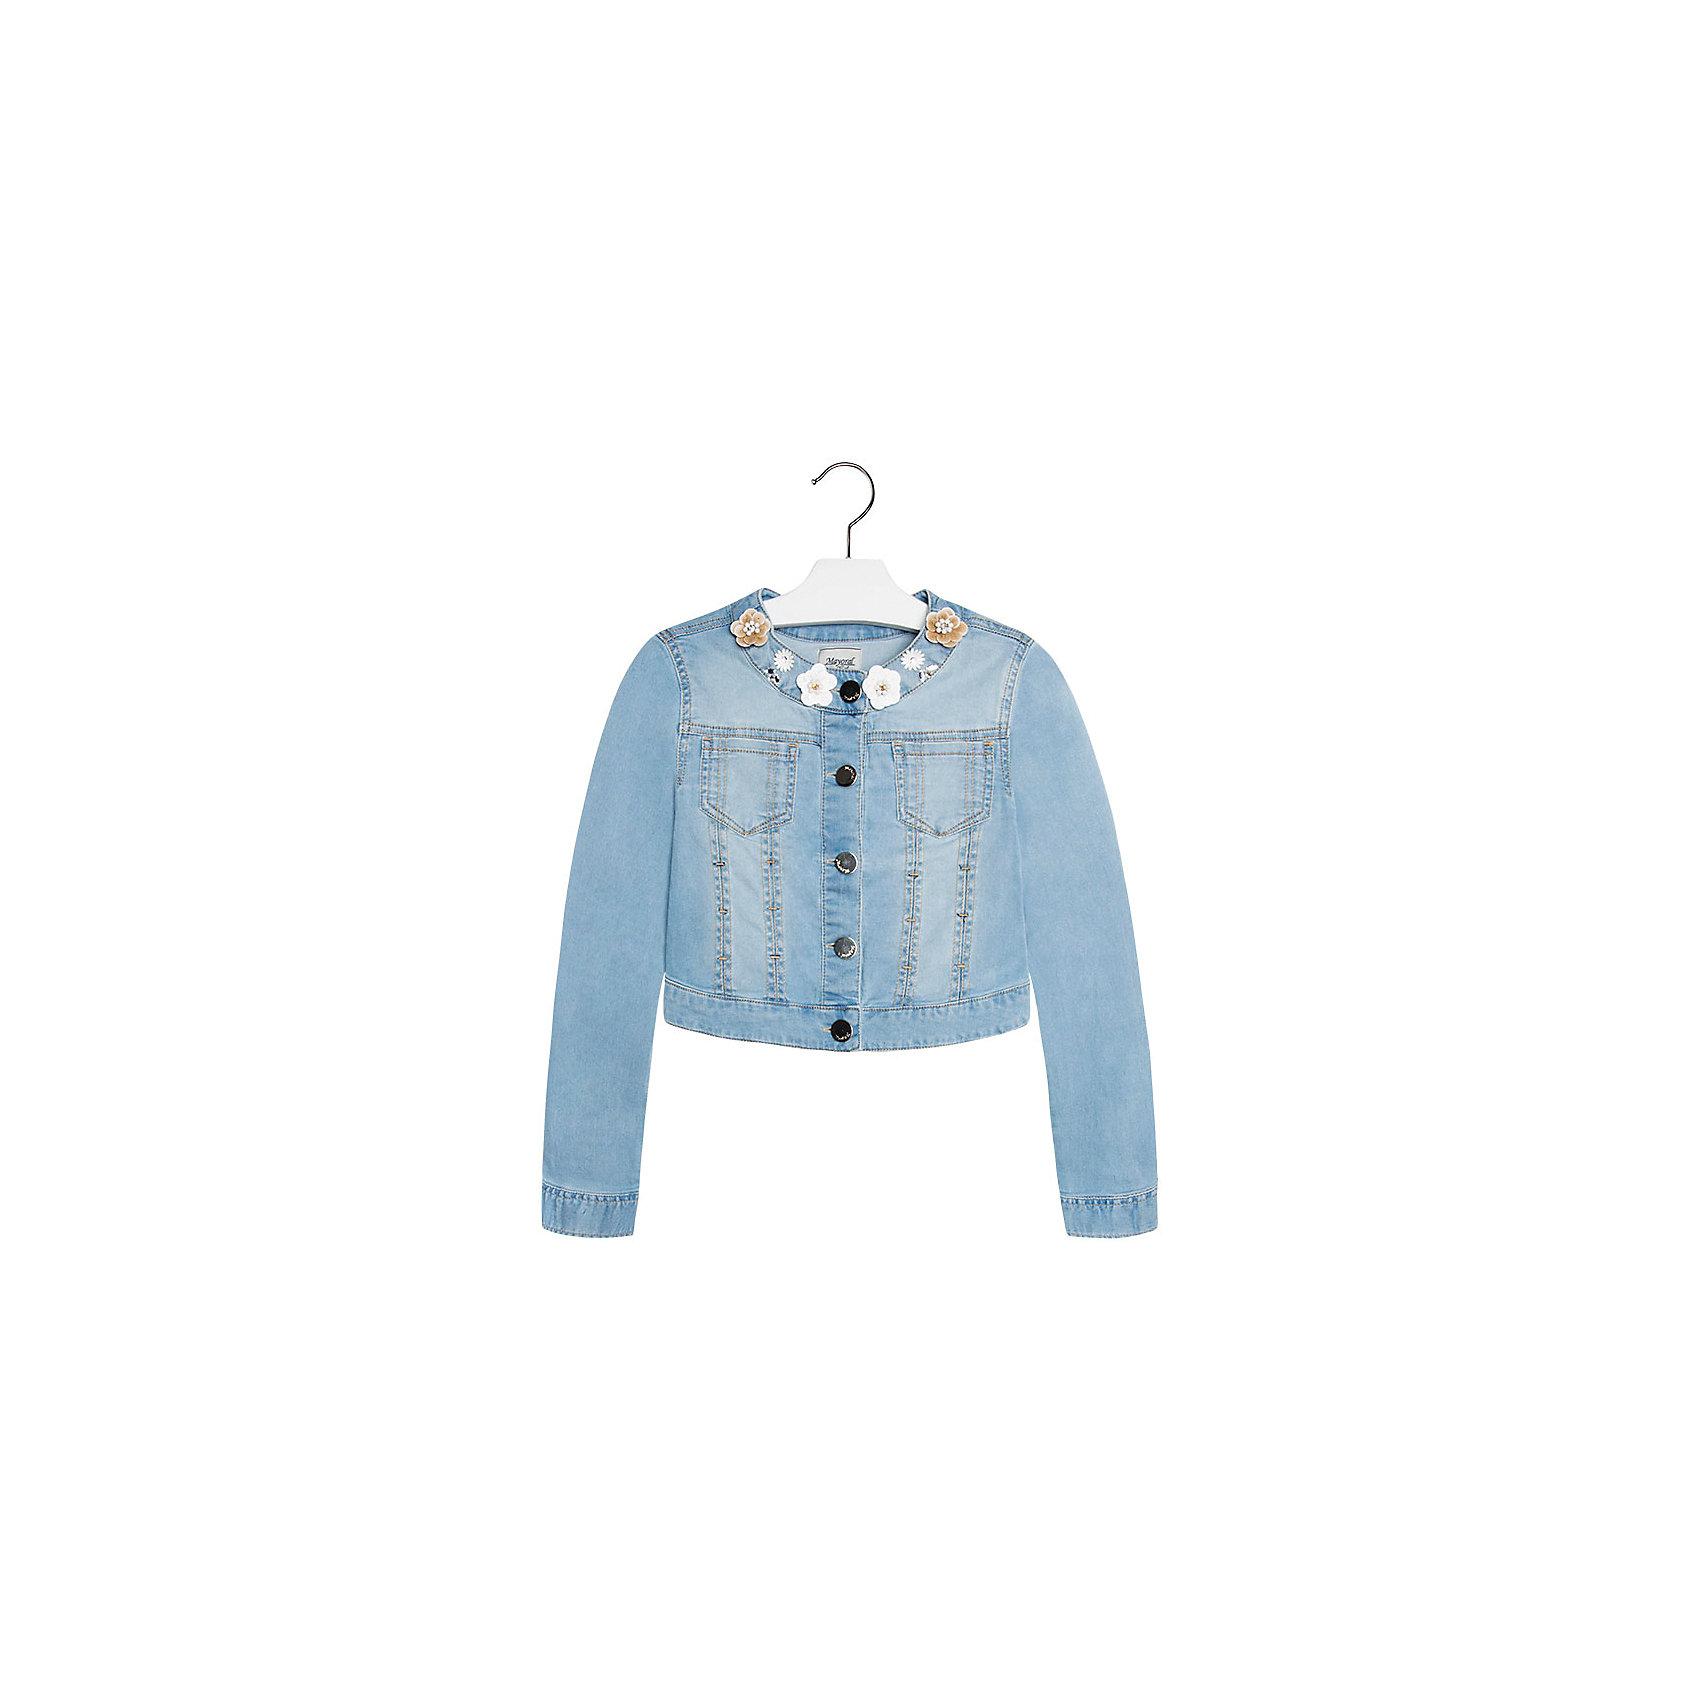 Куртка джинсовая для девочки MayoralВетровки и жакеты<br>Куртка для девочки от известной испанской марки Mayoral подчеркнет индивидуальность юной модницы. <br><br>Дополнительная информация:<br><br>- Стильный дизайн.<br>- Застегивается на молнию.<br>- Манжеты рукавов на пуговицах.<br>- 2 кармана на груди.<br>- Аппликация в виде цветов.<br>- Ассиметричный низ (сзади короче). <br>- Состав: 98% хлопок, 2% эластан. <br><br>Куртку для девочки Mayoral (Майорал) можно купить в нашем магазине.<br><br>Ширина мм: 356<br>Глубина мм: 10<br>Высота мм: 245<br>Вес г: 519<br>Цвет: синий<br>Возраст от месяцев: 132<br>Возраст до месяцев: 144<br>Пол: Женский<br>Возраст: Детский<br>Размер: 128,170,158,164,152,140<br>SKU: 4538510